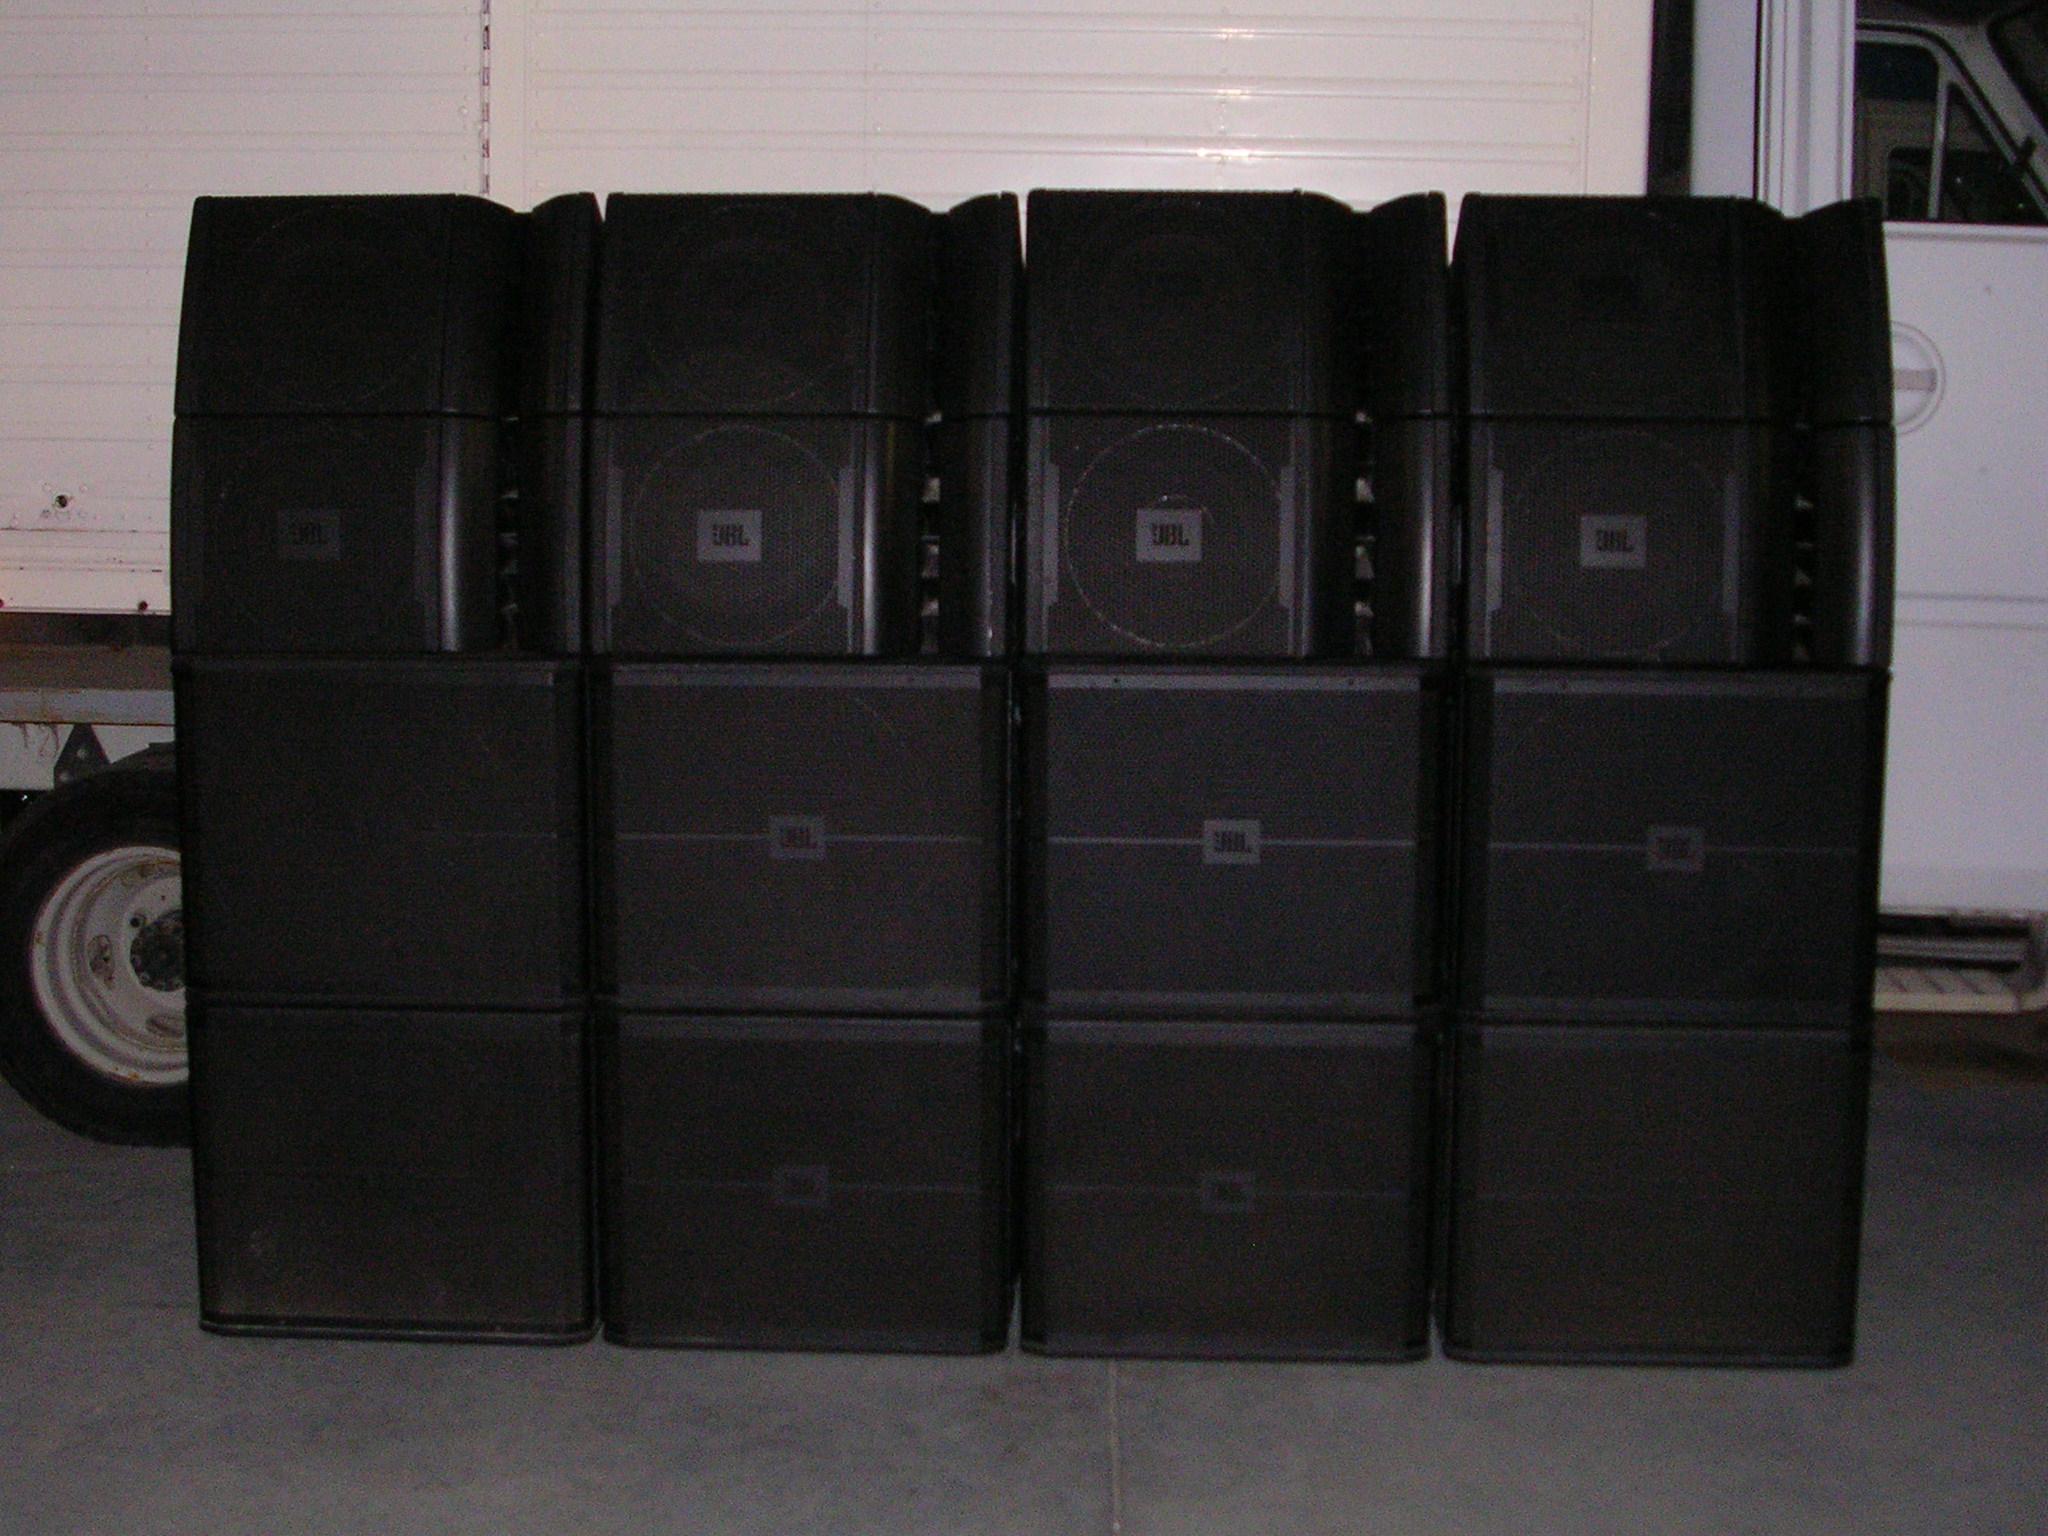 jbl vrx918s image 560517 audiofanzine. Black Bedroom Furniture Sets. Home Design Ideas